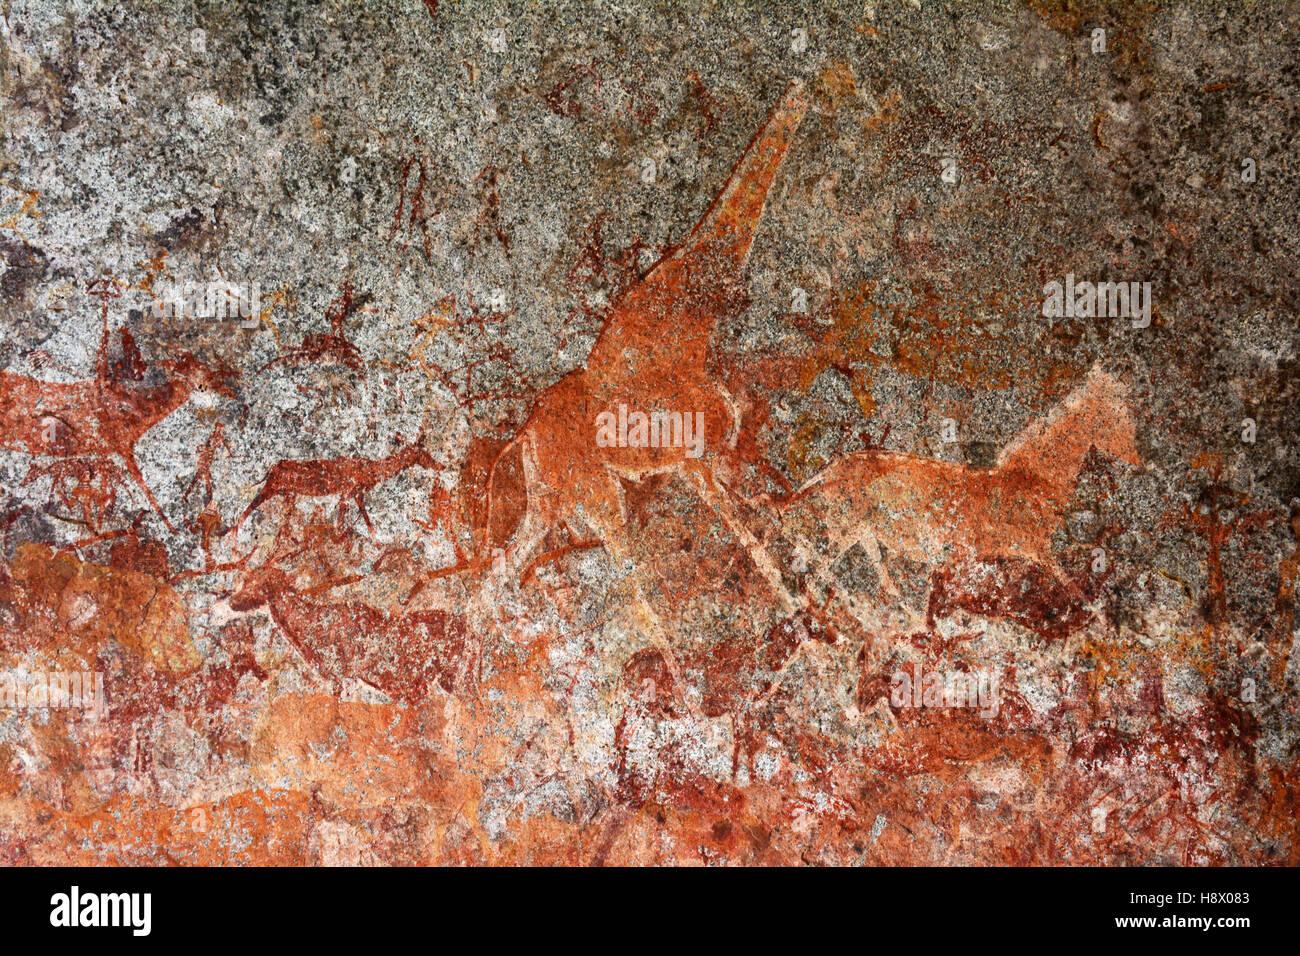 San pinturas rupestres - Cueva Nswatugi Matobos Zimbabwe Imagen De Stock